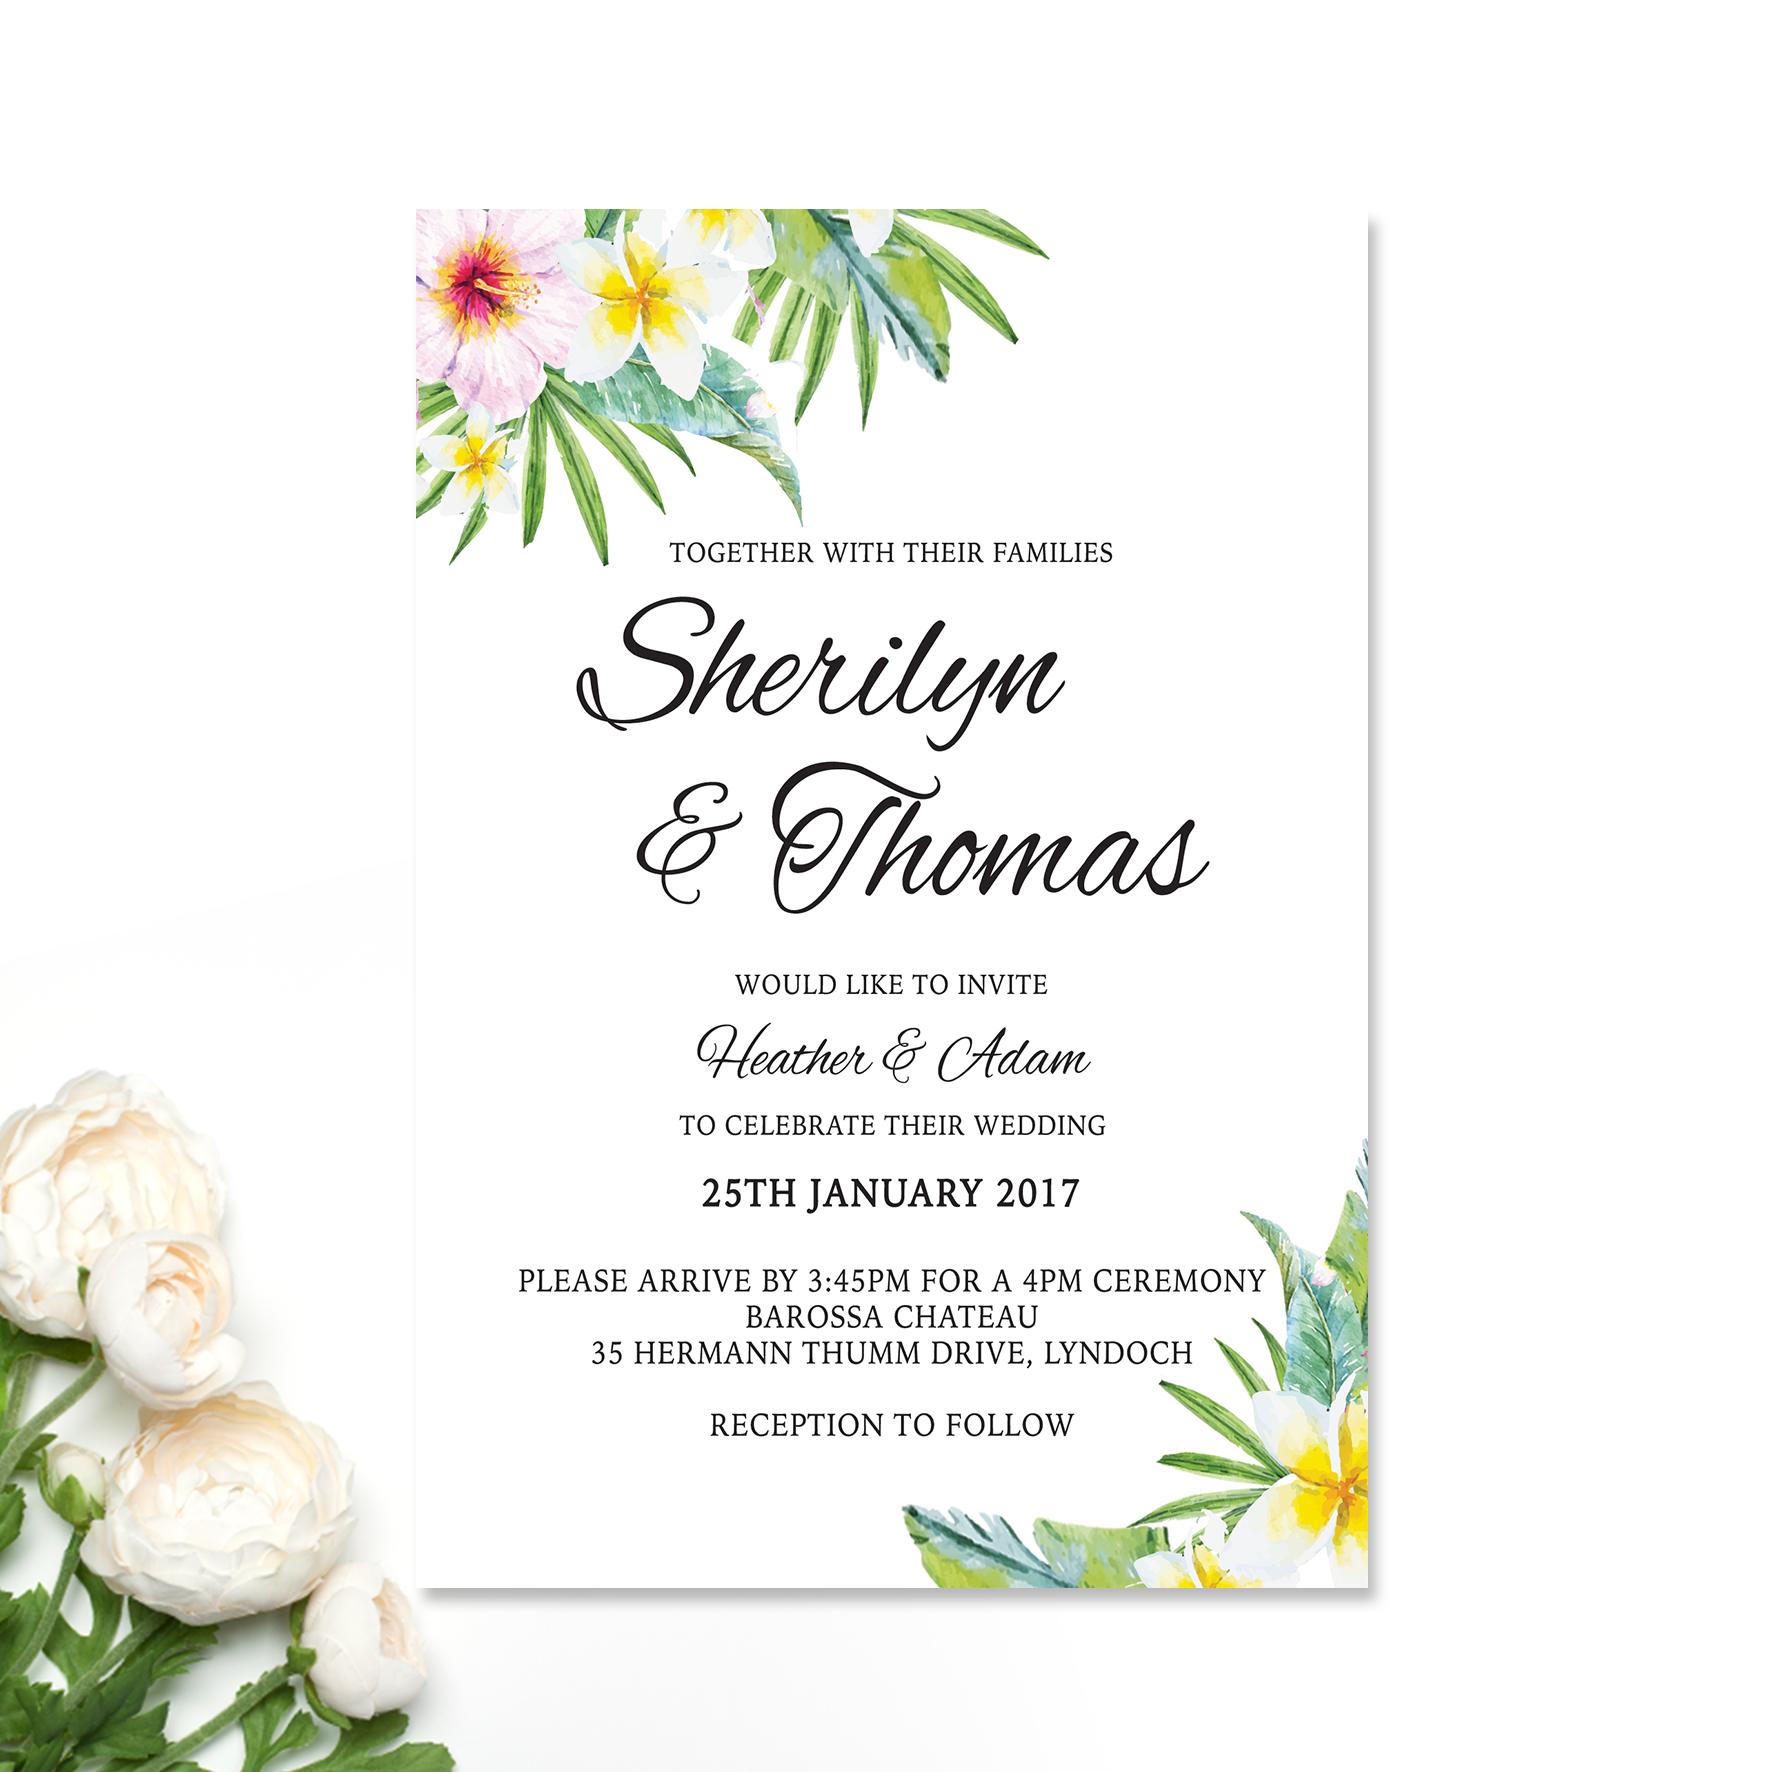 Sherilyn + Thomas Wedding Invitation